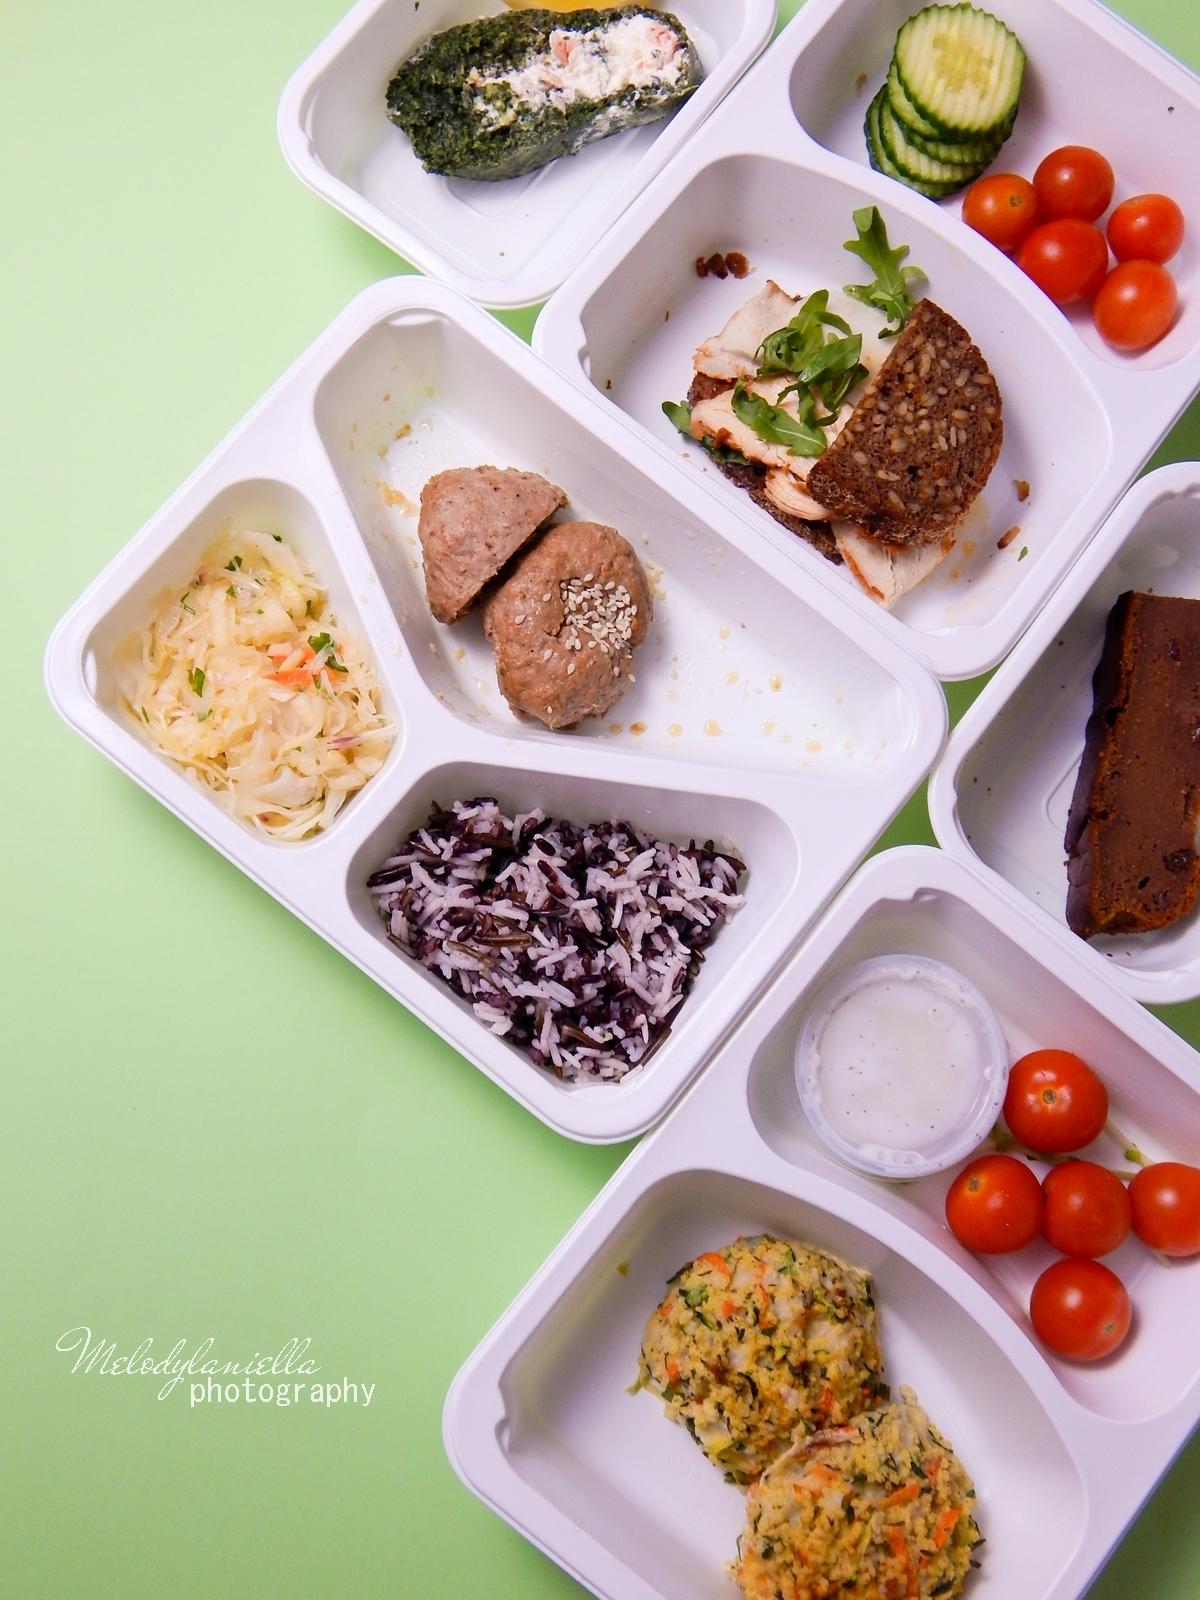 008 cateromarket dieta pudełkowa catering dietetyczny dieta jak przejść na dietę catering z dowozem do domu dieta kalorie melodylaniella dieta na cały dzień jedzenie na cały dzień catering do domu